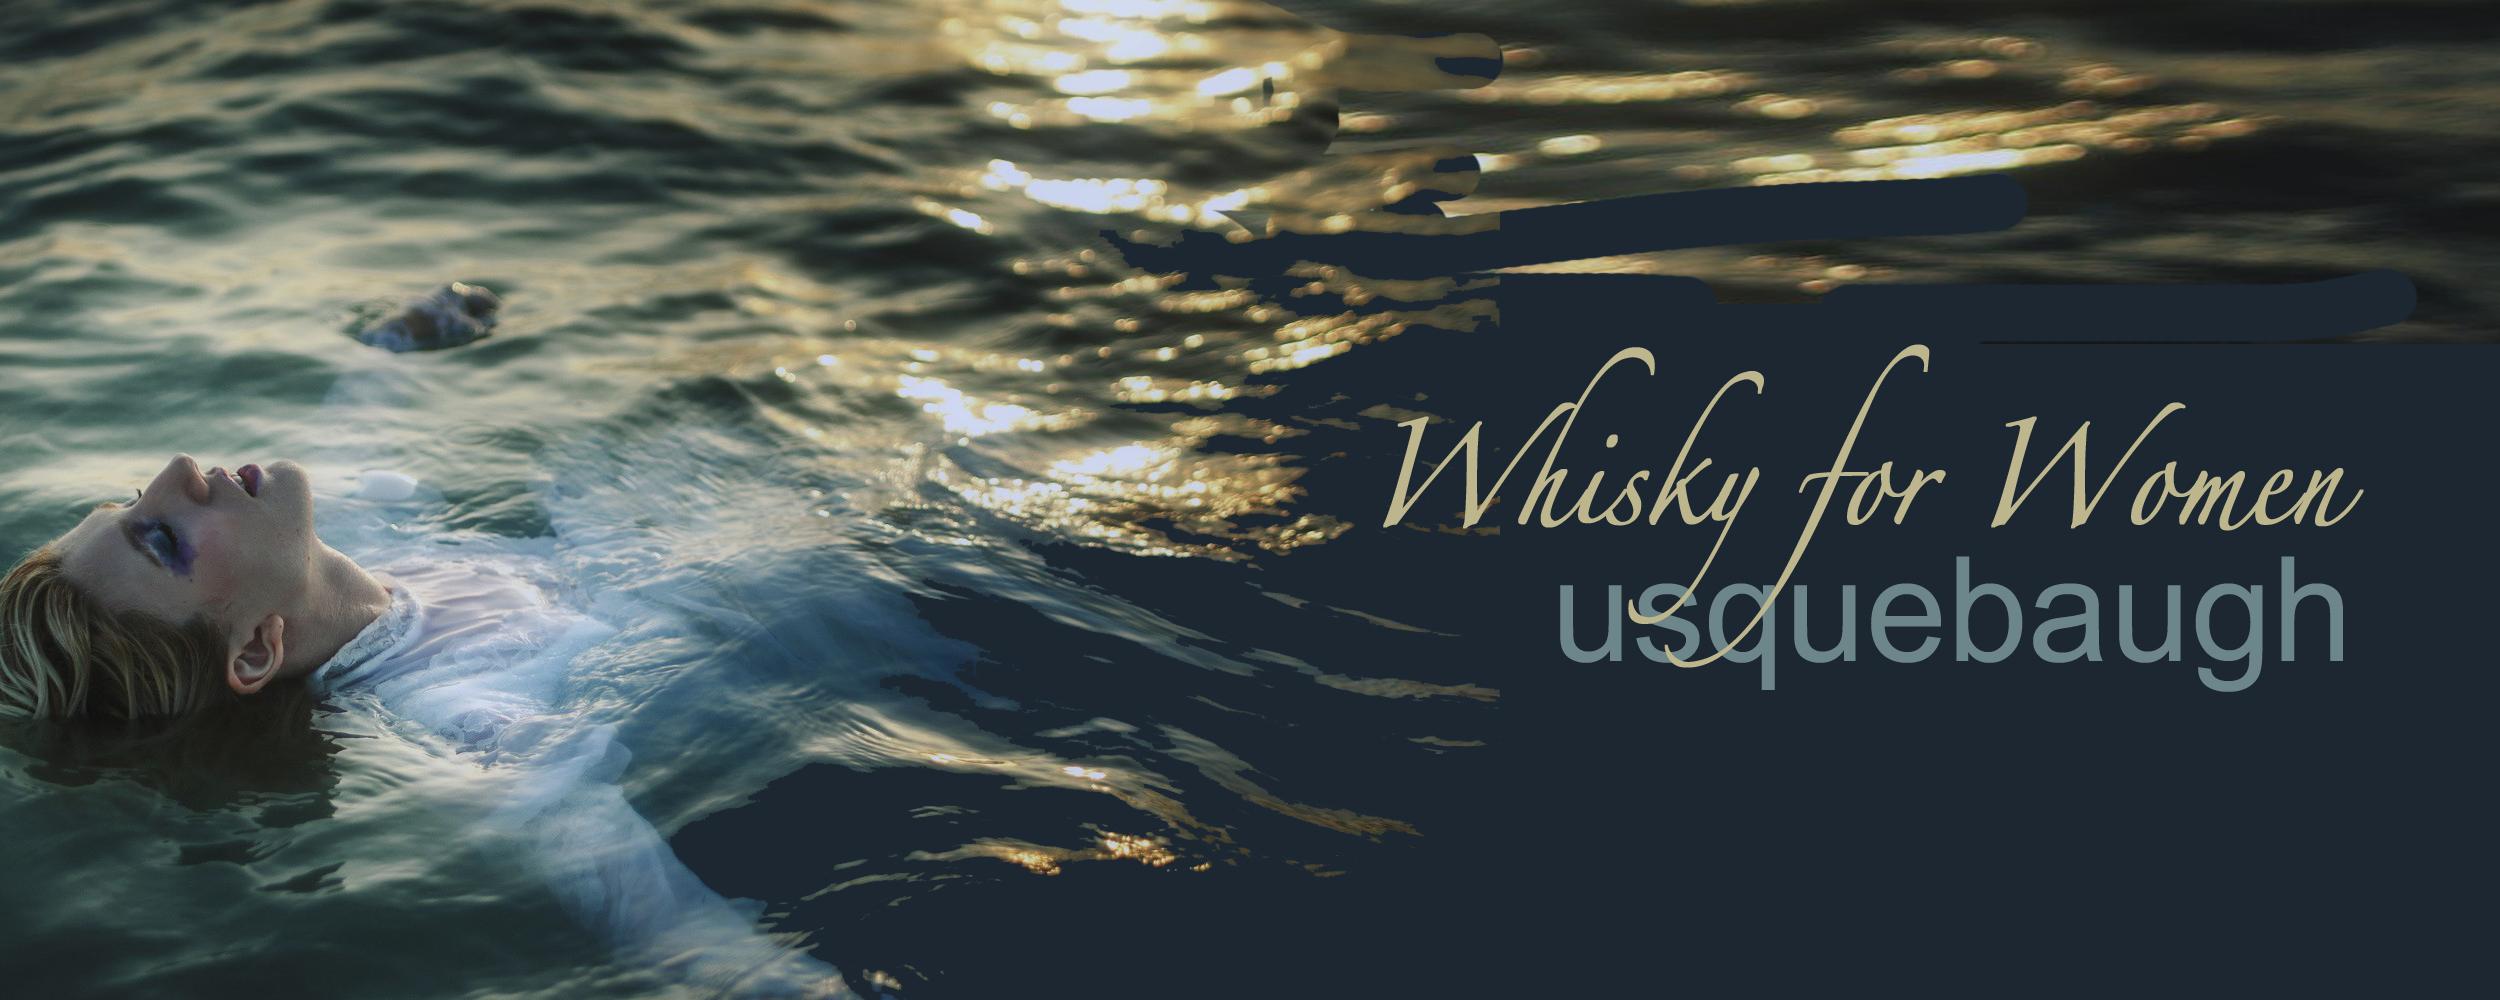 banner-whisky4women-2.jpg